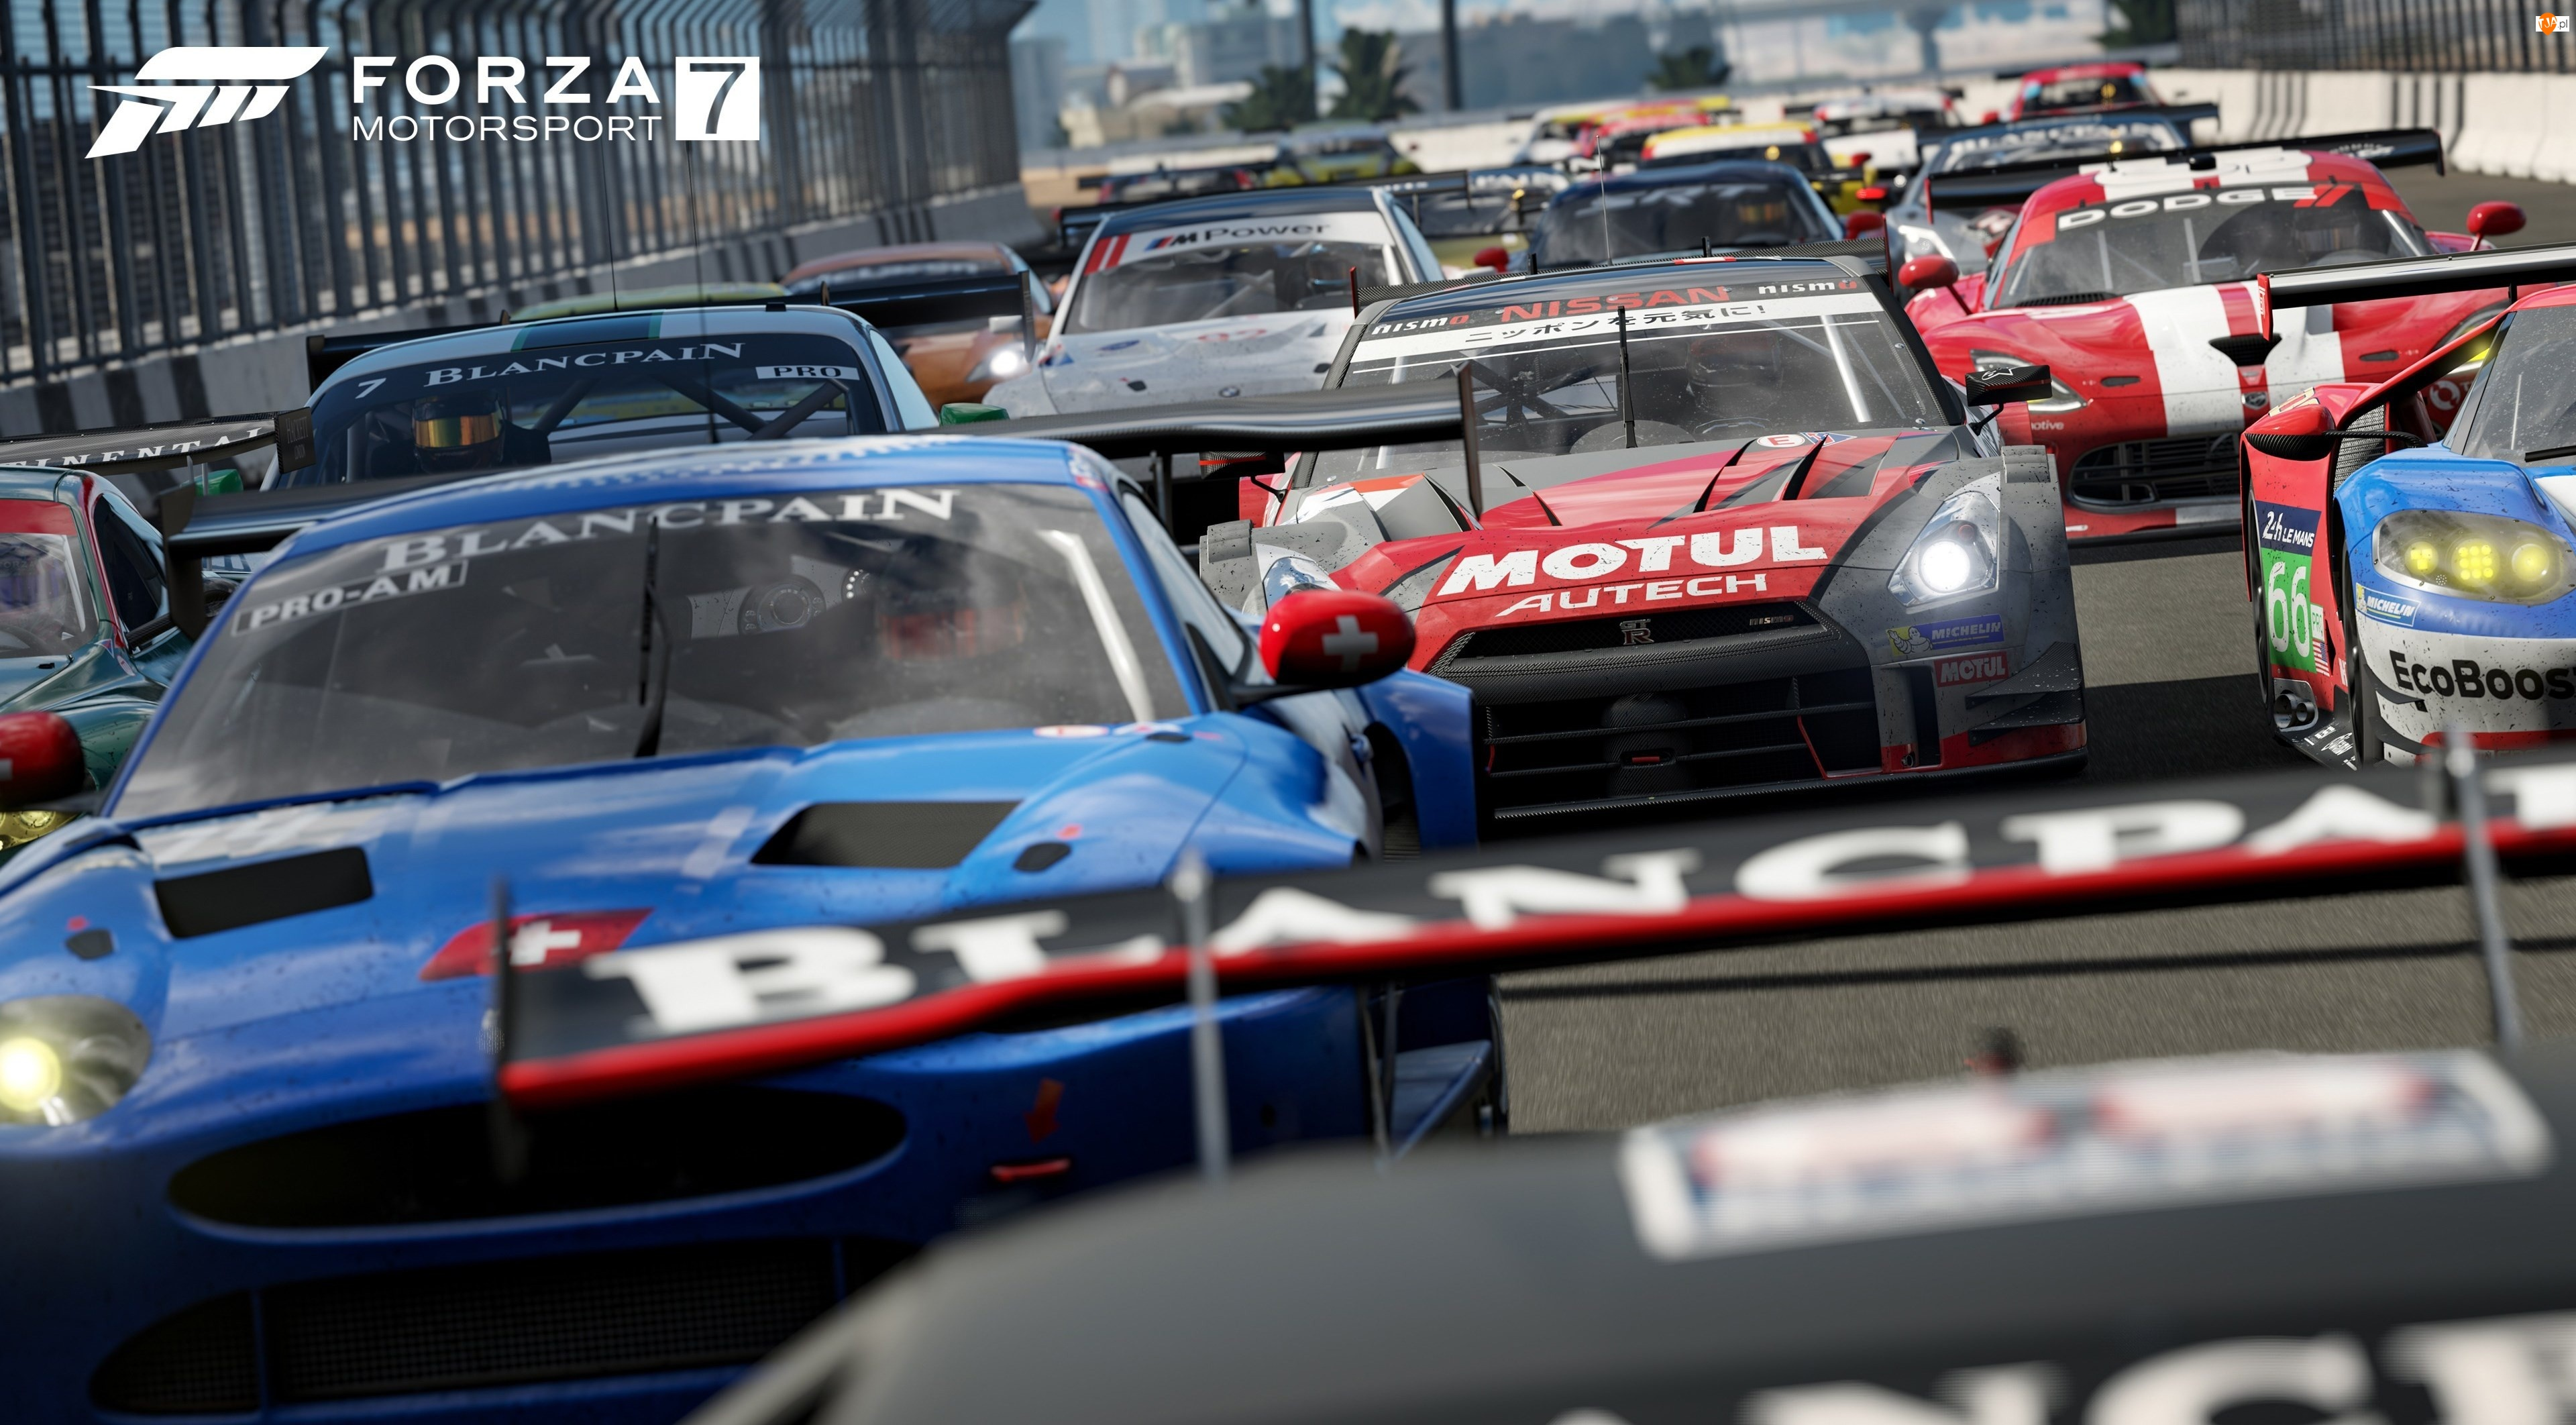 Gra, Samochody, Forza Motorsport 7, Wyścig